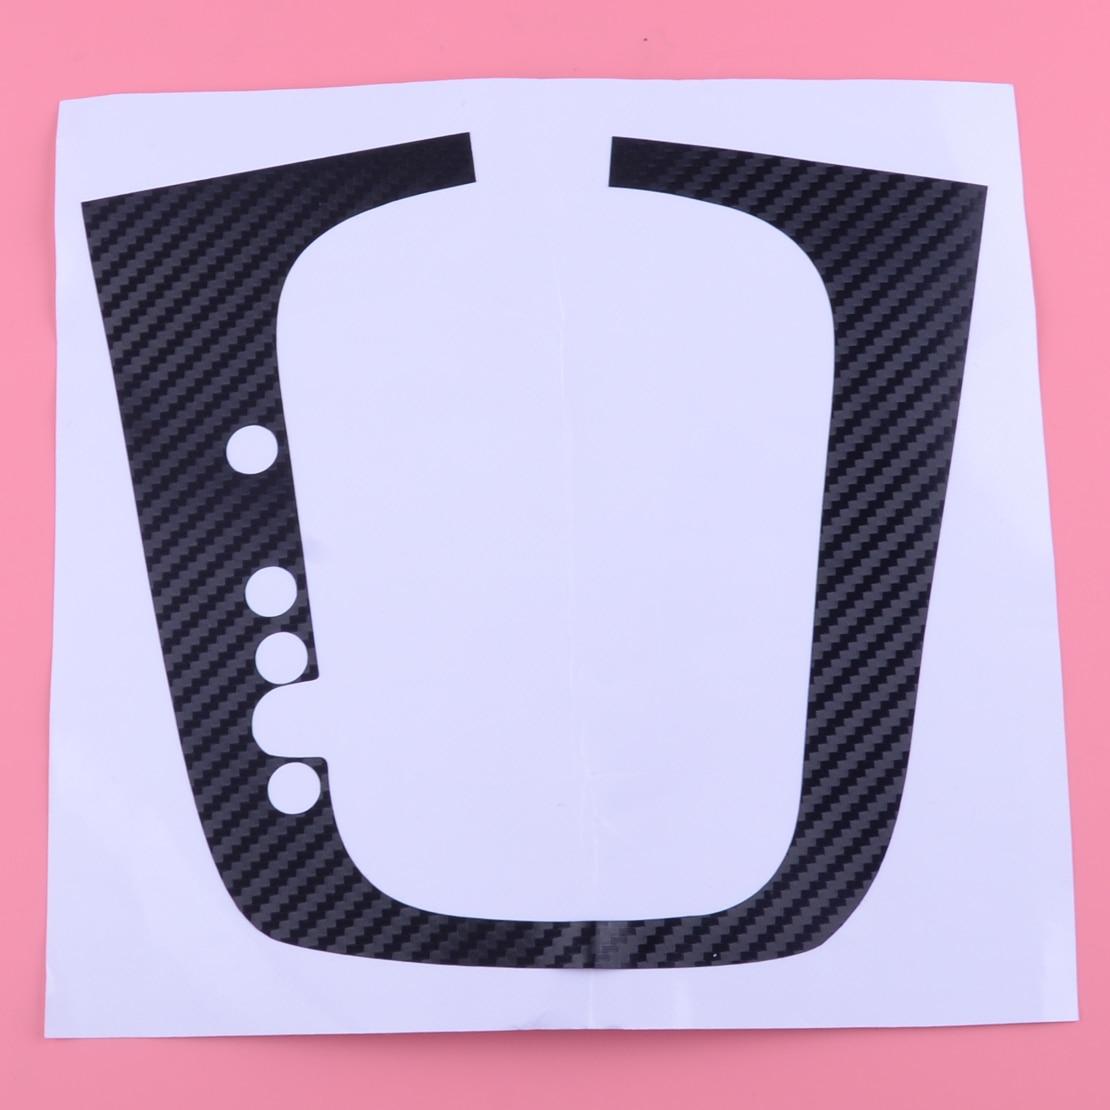 DWCX Car Carbon Fiber DSG Gear Shift Knob Panel Decal Sticker Fit For VW Volkswagen Golf MK6 GTI R20 LHD